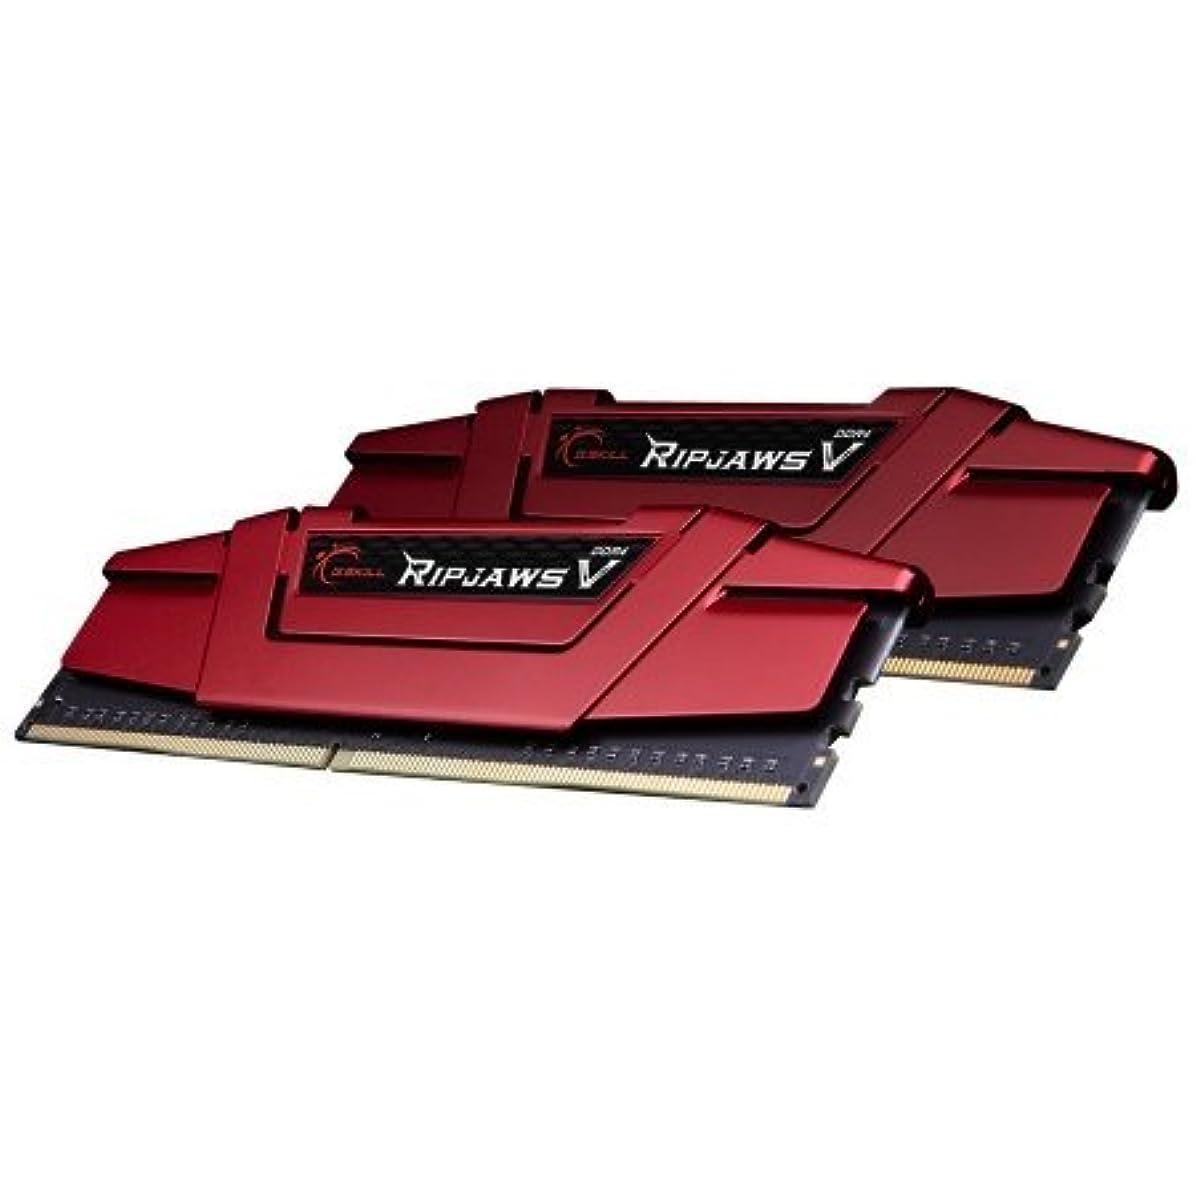 屋内薬理学すみませんG.SKILL 32GB (2 x 16GB) Ripjaws V Series DDR4 PC4-22400 2800MHz for Intel Z170 Platform Desktop Memory Model F4-2800C15D-32GVR by G.Skill [並行輸入品]